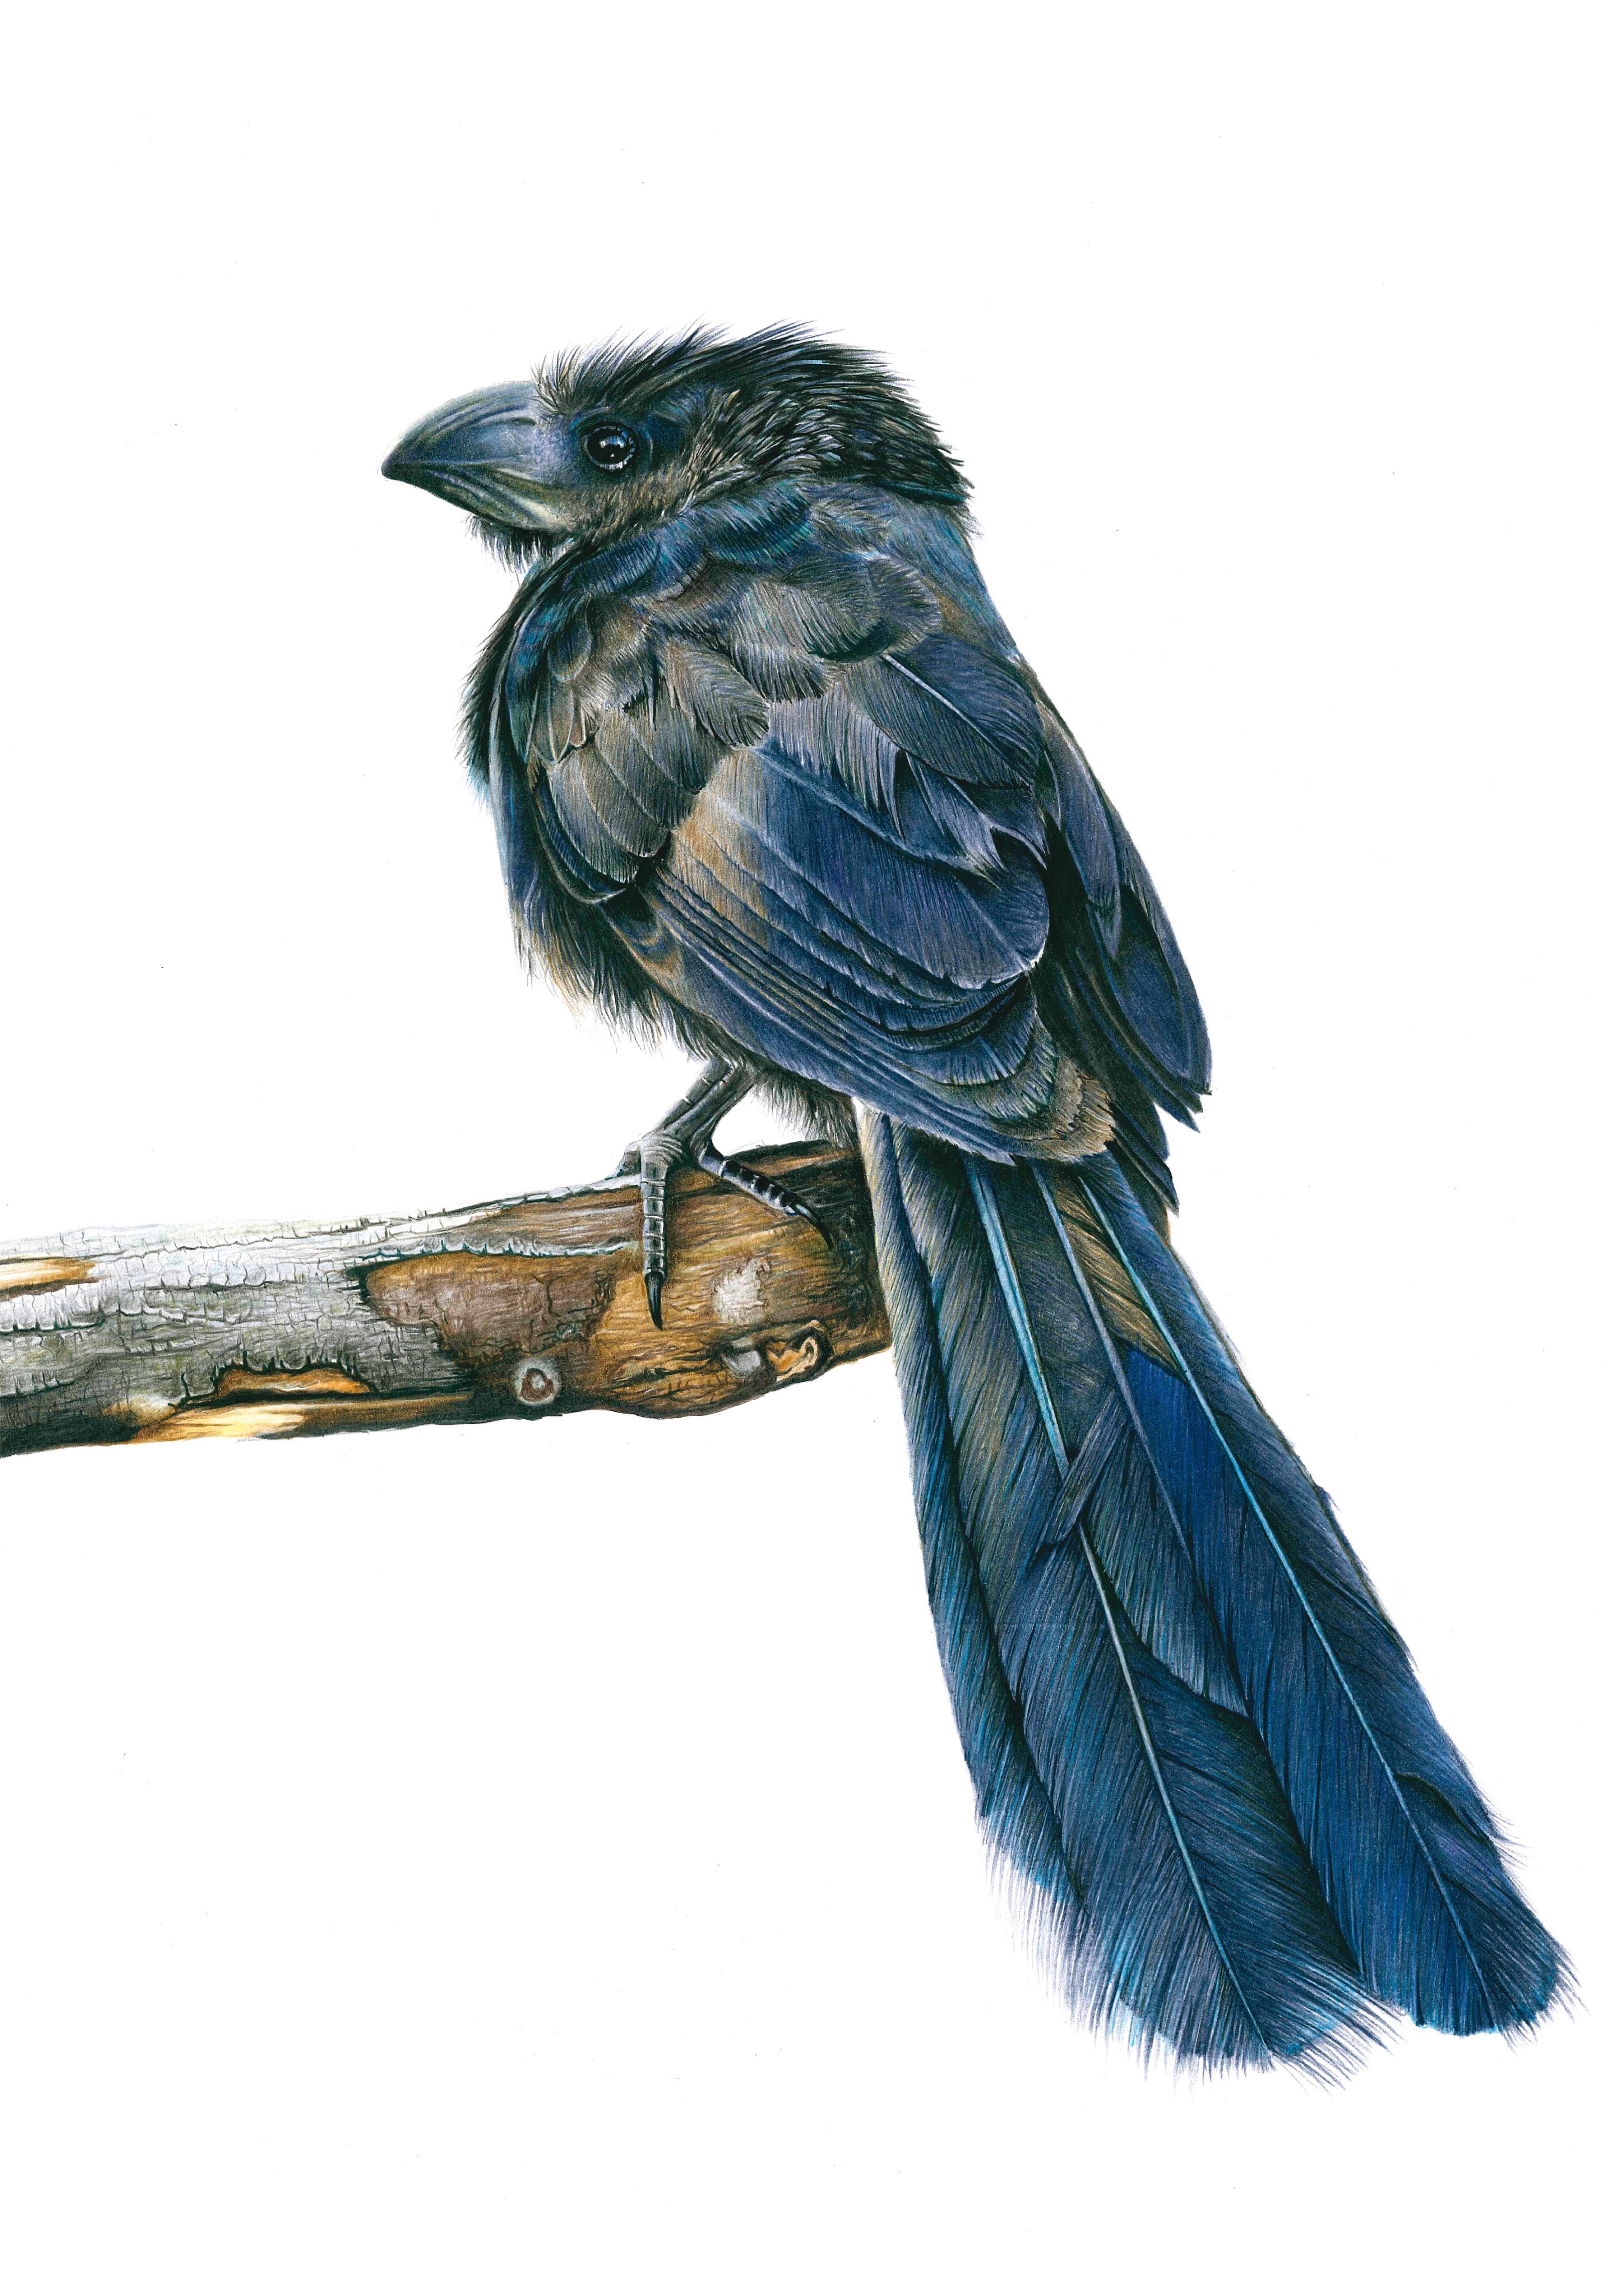 El matacaballos ('Crotophaga sulcirostris'), de Camilo E. Maldonado (Chile), obra ganadora del Premio del público en la séptima edición. Imagen: MNCN